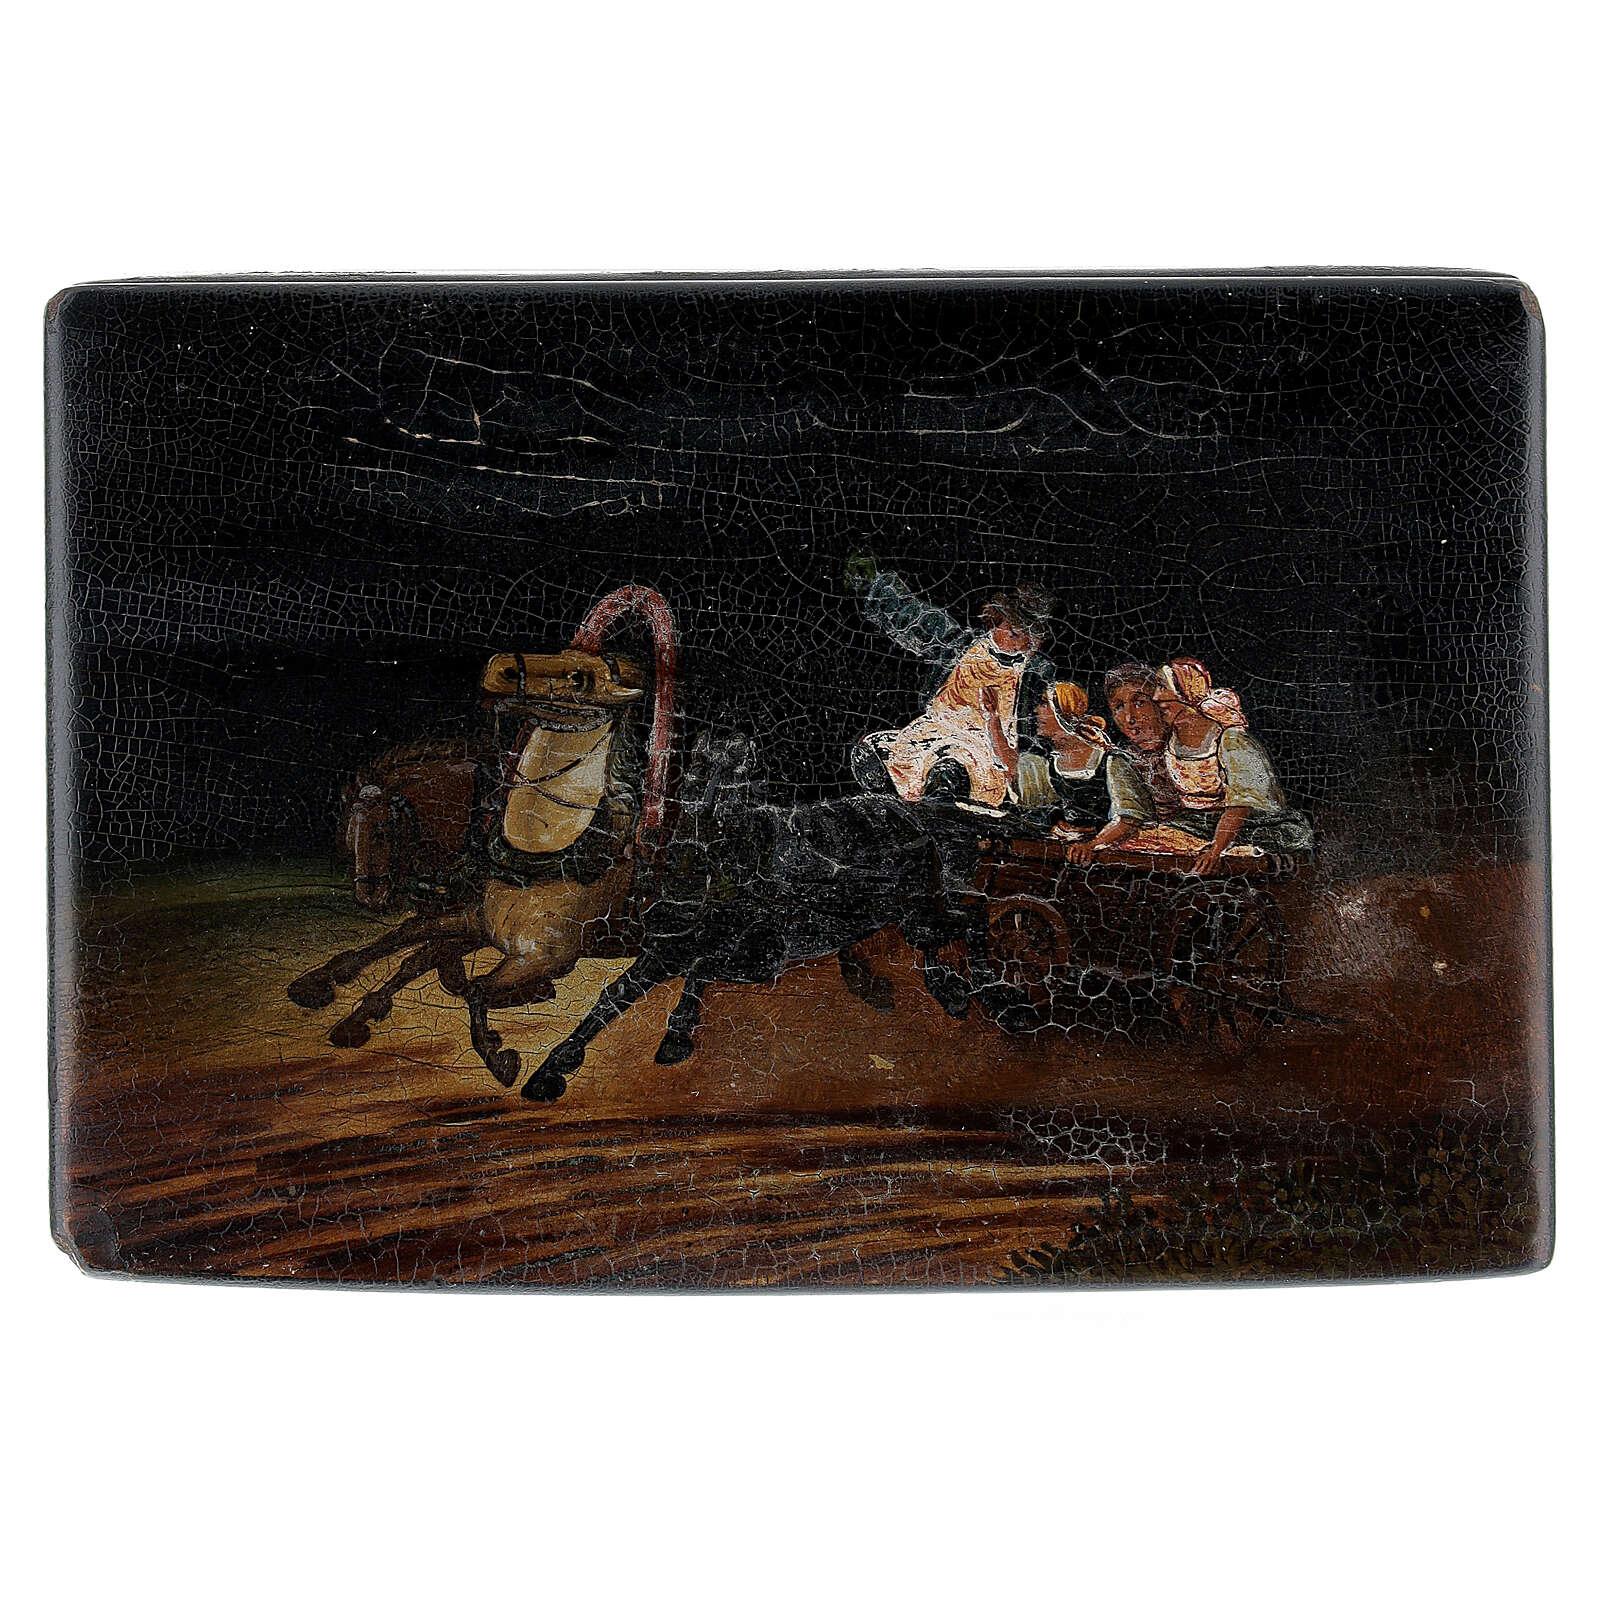 Scatola lacca russa antica scena sul carro 15x10x5 cm 4